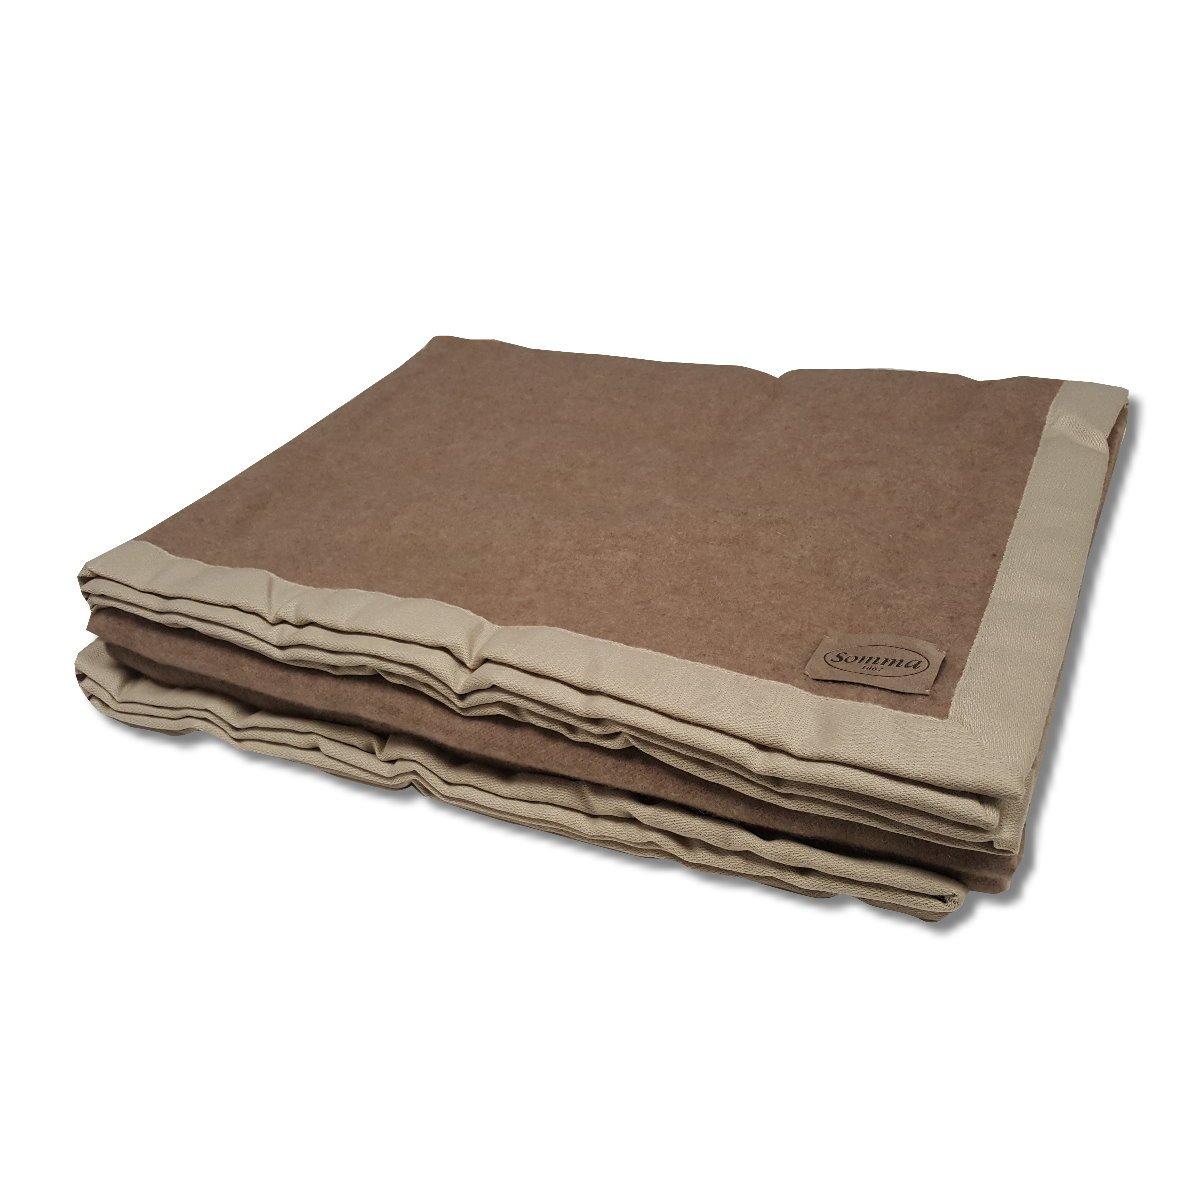 premium selection 8df7e 8595f Panno coperta in cashmere beige scuro Somma